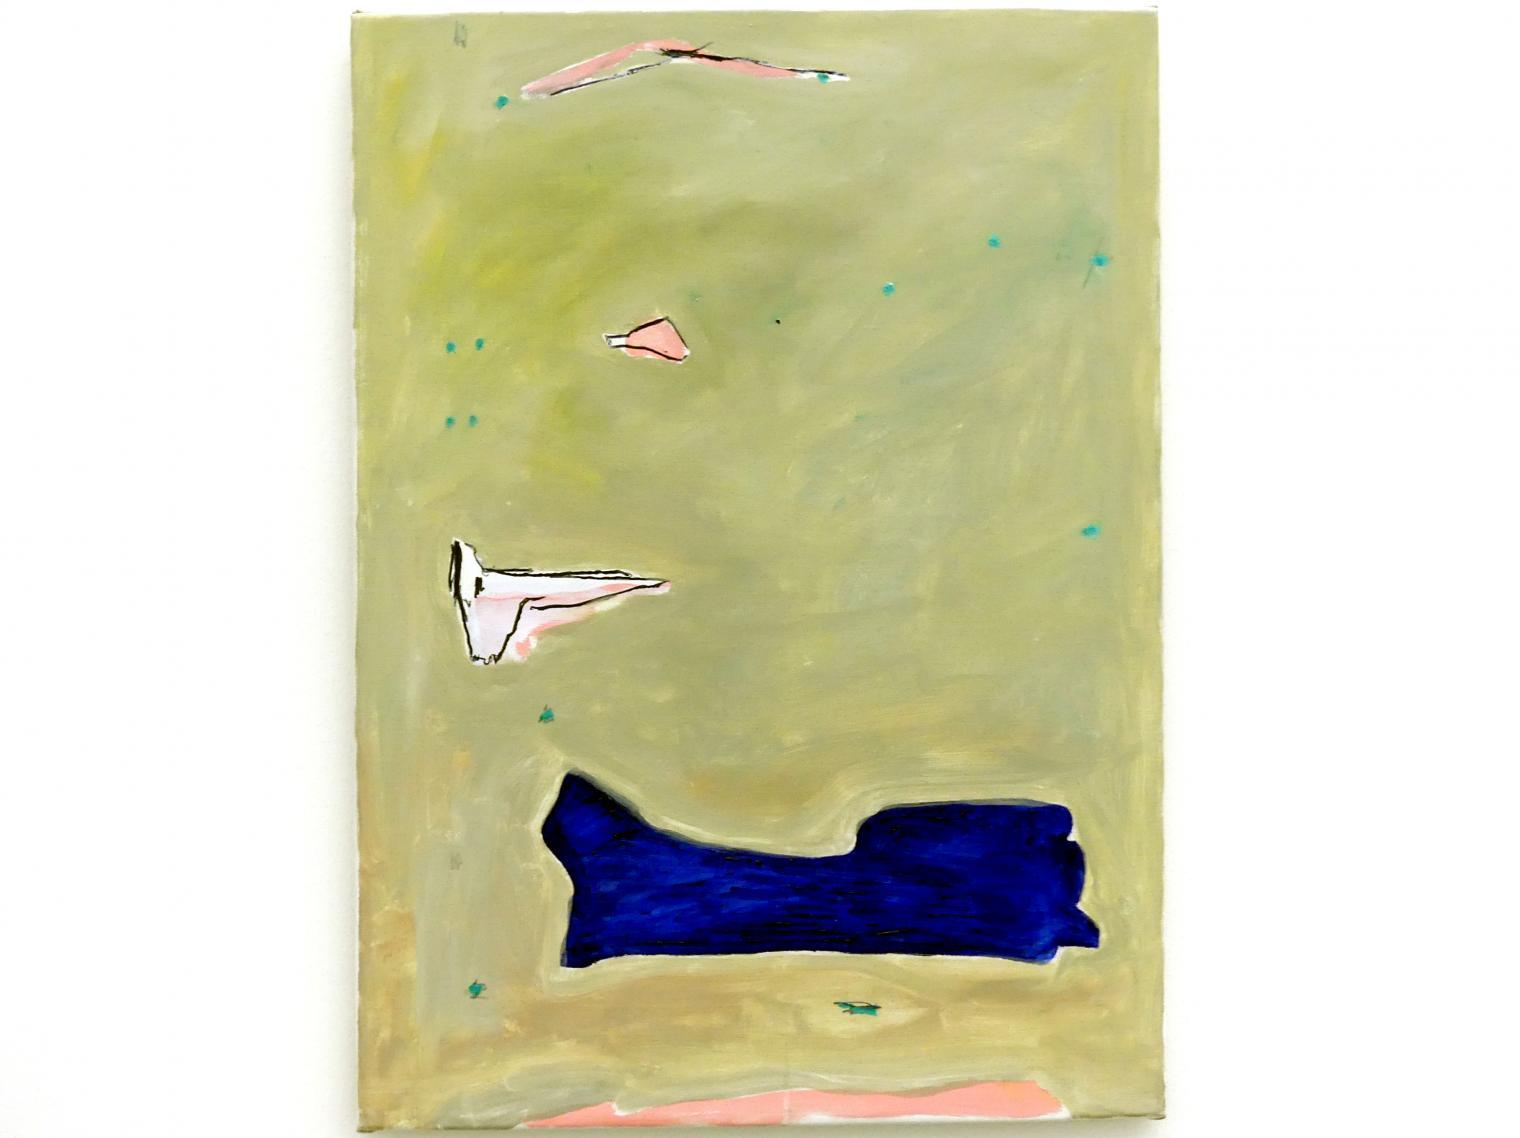 Raoul De Keyser: Traum, 2006